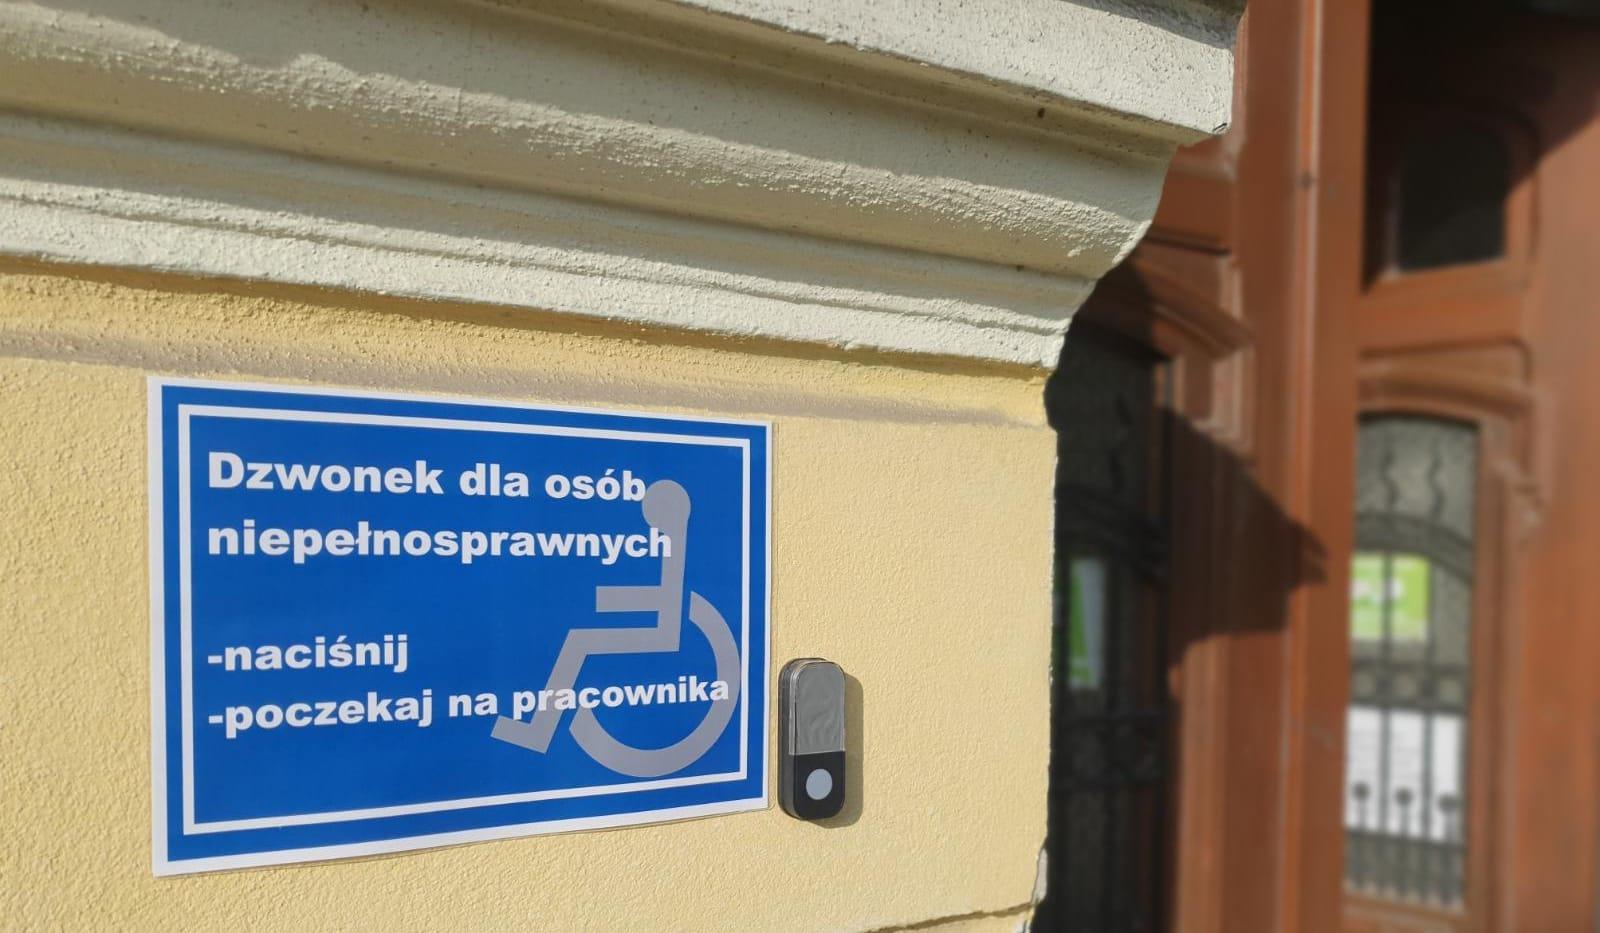 Urząd Miasta i Gminy Chocianów przyjazny osobom niepełnosprawnym